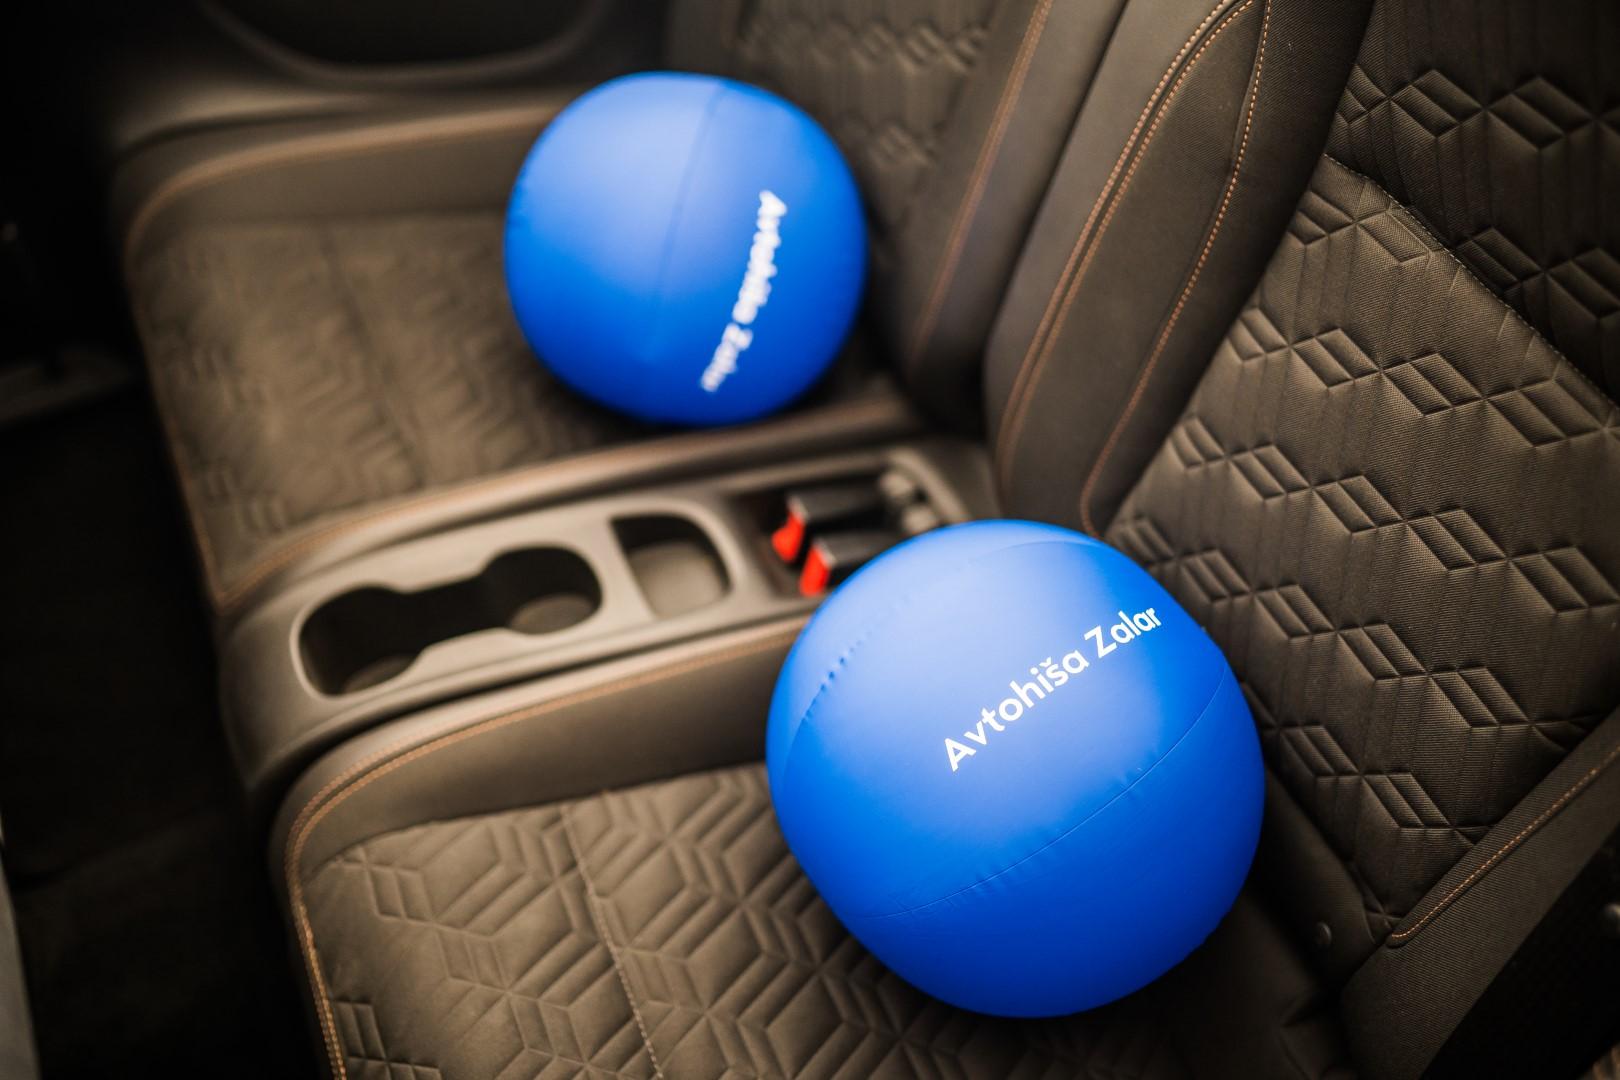 avtohisa-zalar-nakup-prodaja-vozil-astra-insignia-zavarovanje-servis (2)